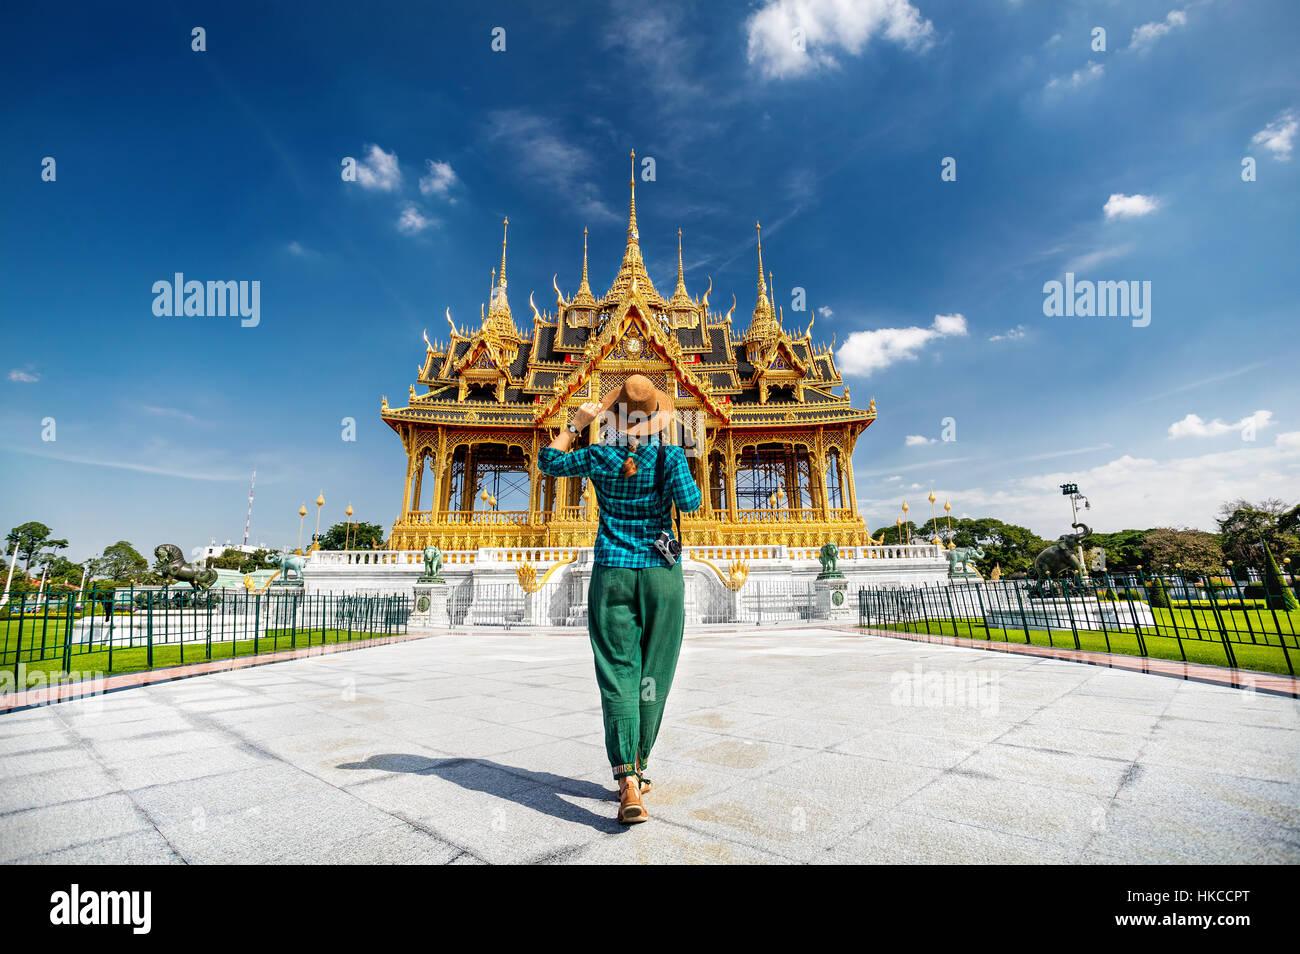 Frau in Hut und grün geprüft mit Foto-Kamera zu der Ananta Samakhom Throne Hall in Thai Royal Dusit Palast, Stockbild